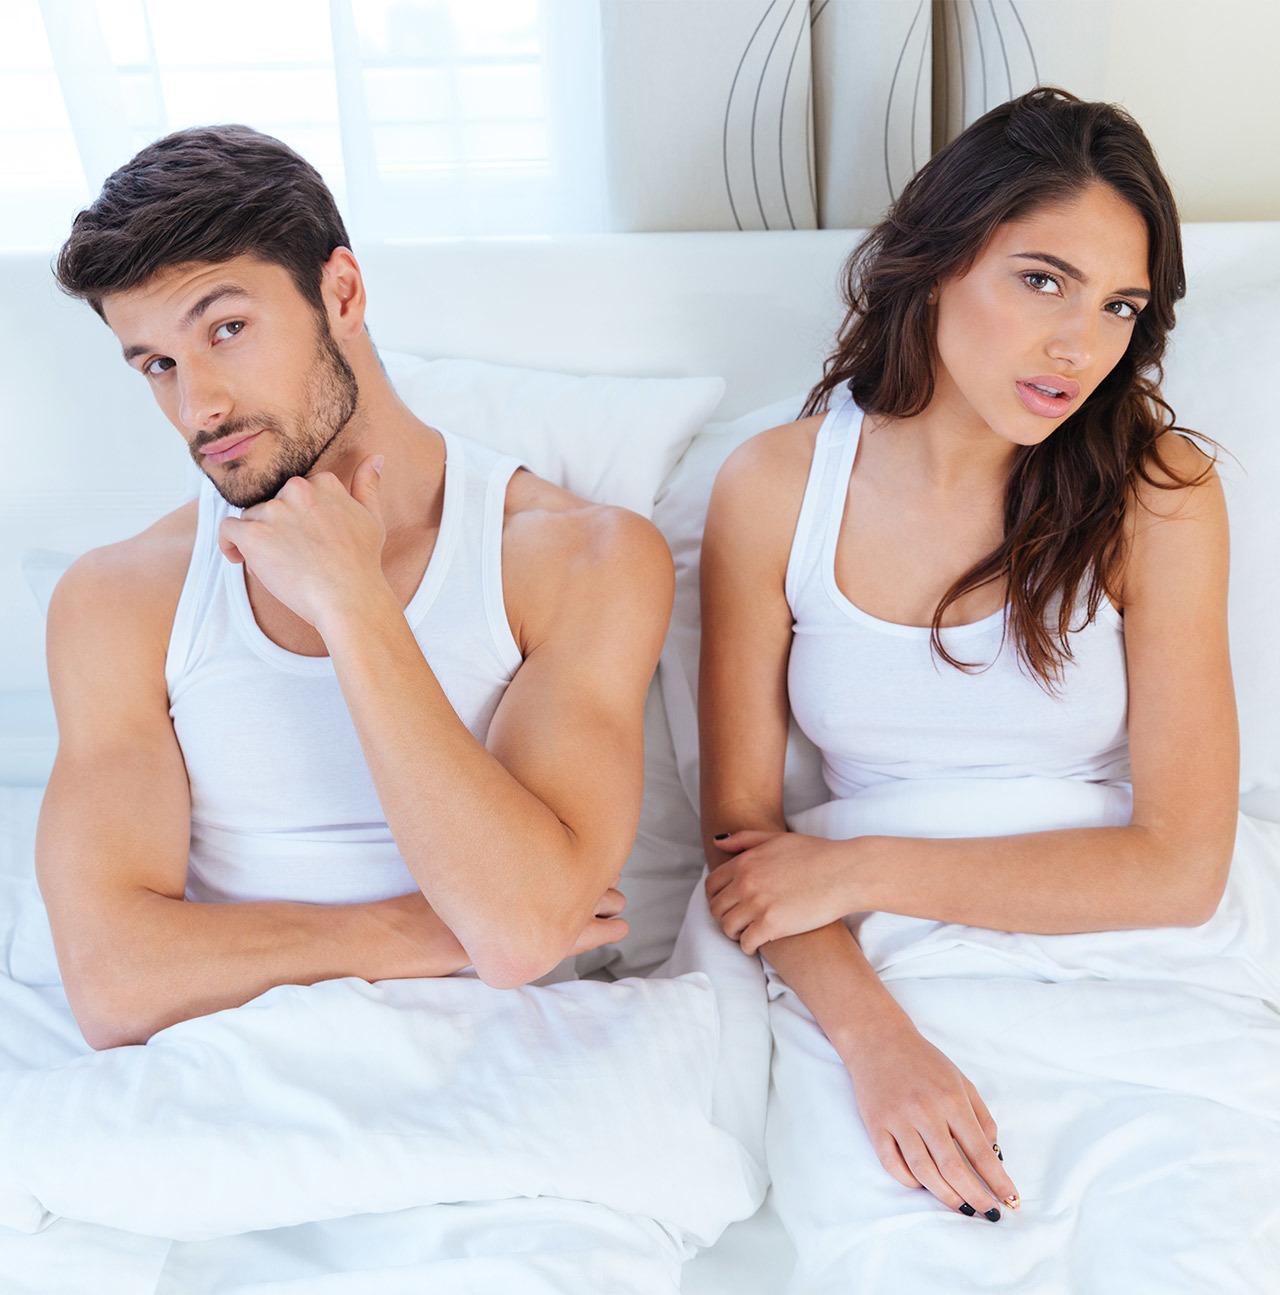 セックスレス の夫婦